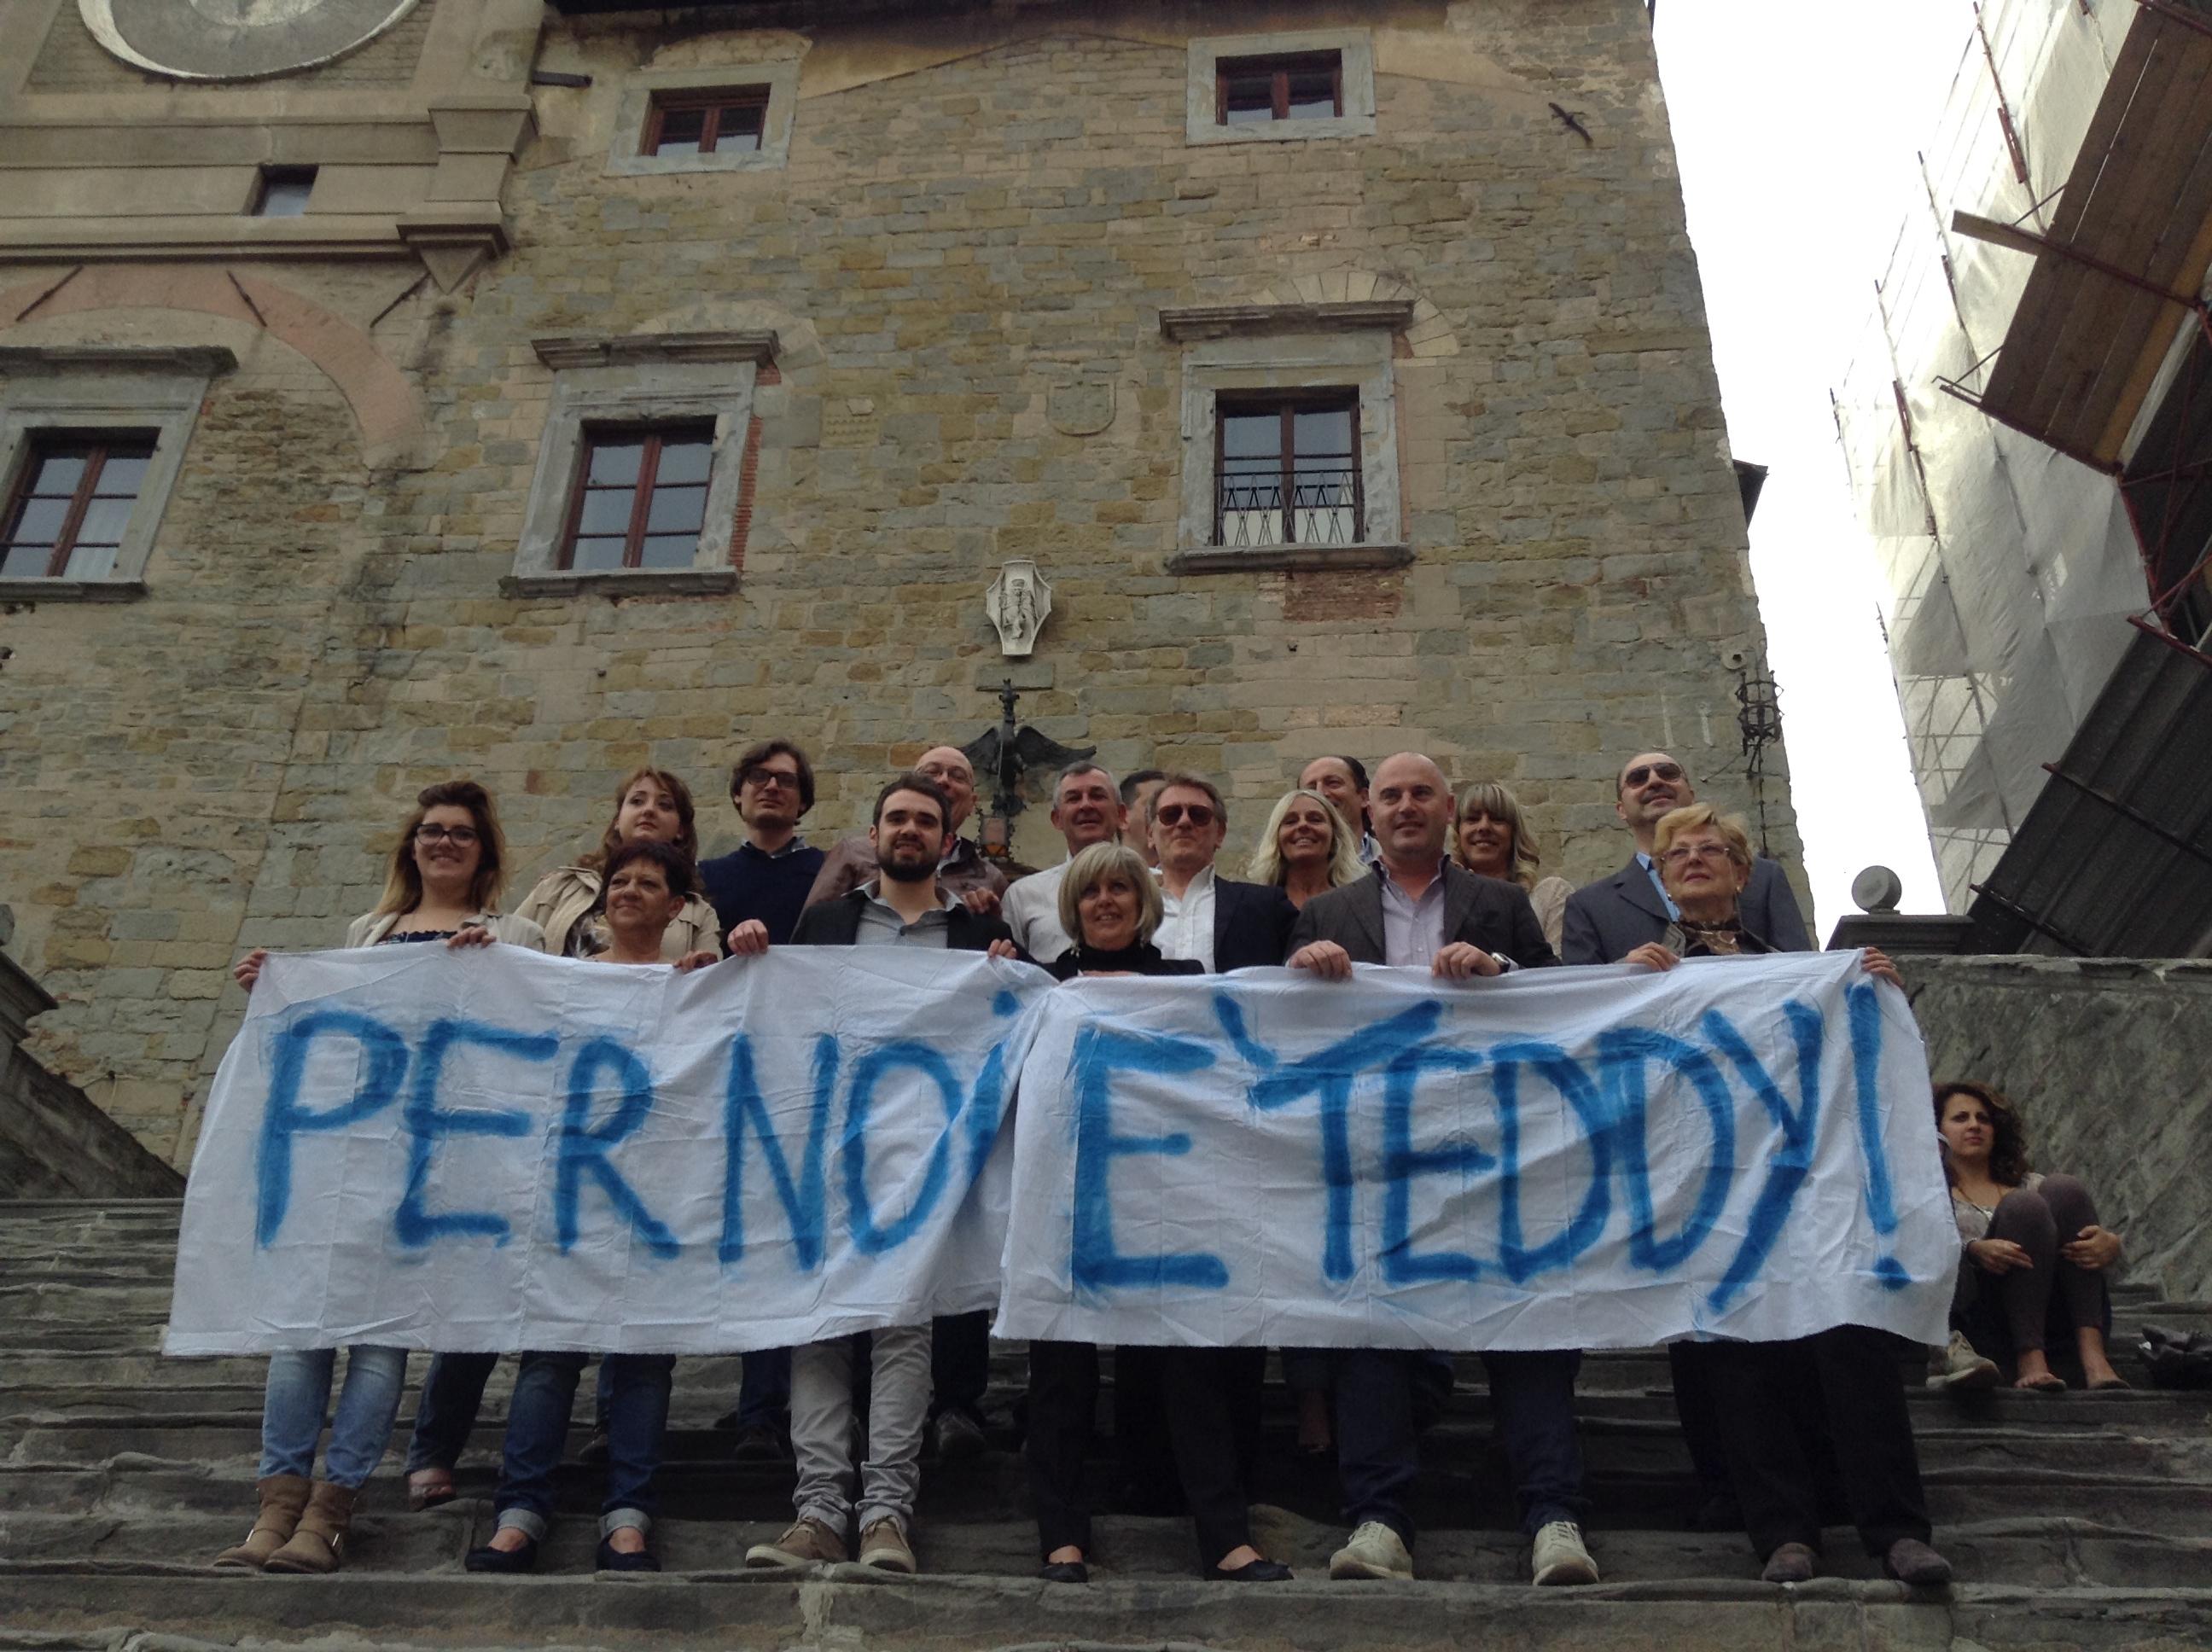 Il voto a Teodoro Manfreda, a Cortona unico vero voto utile per cambiare